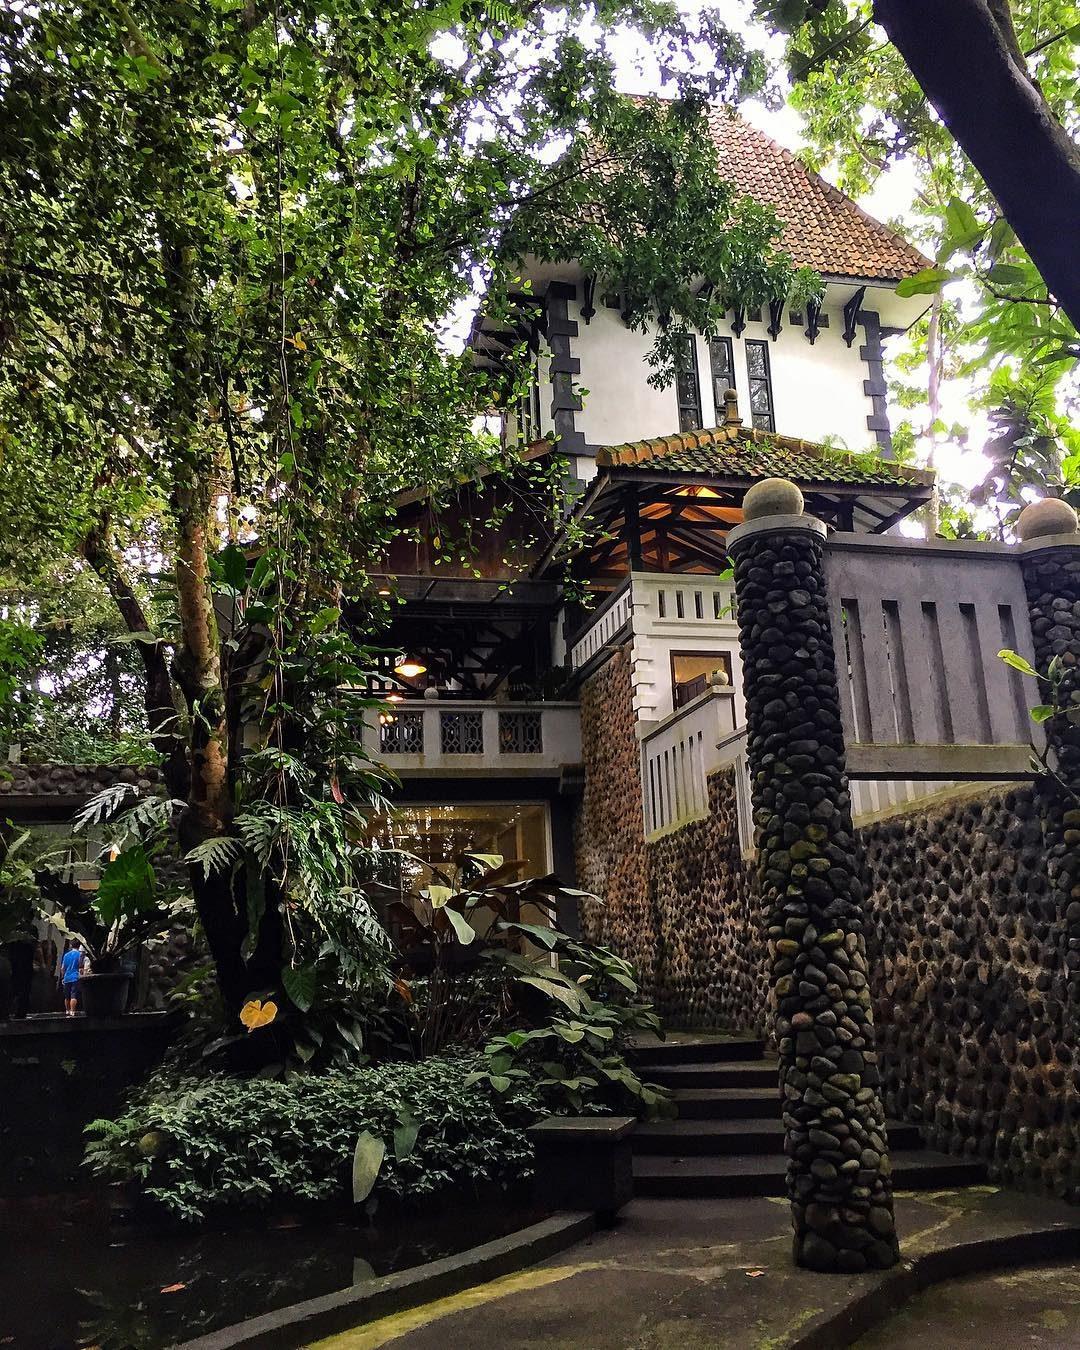 Belajar Budaya Museum Ullen Sentalu Jl Boyong Pakem Kab Sleman